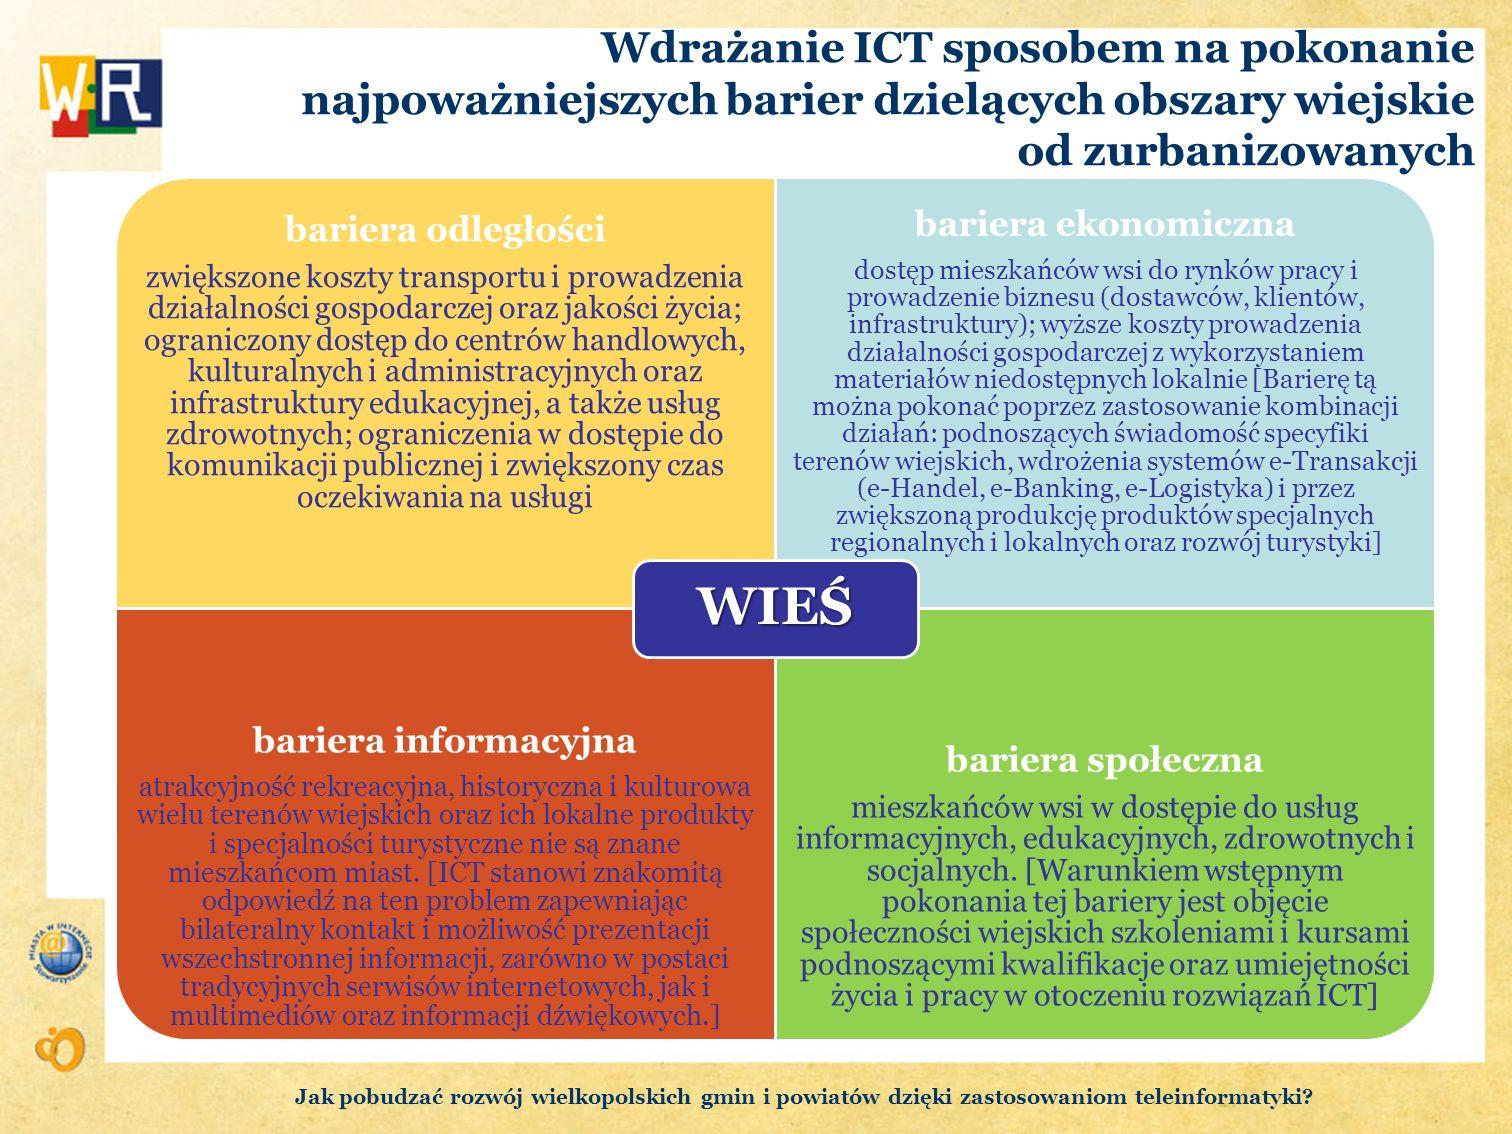 Wdrażanie ICT sposobem na pokonanie najpoważniejszych barier dzielących obszary wiejskie od zurbanizowanych